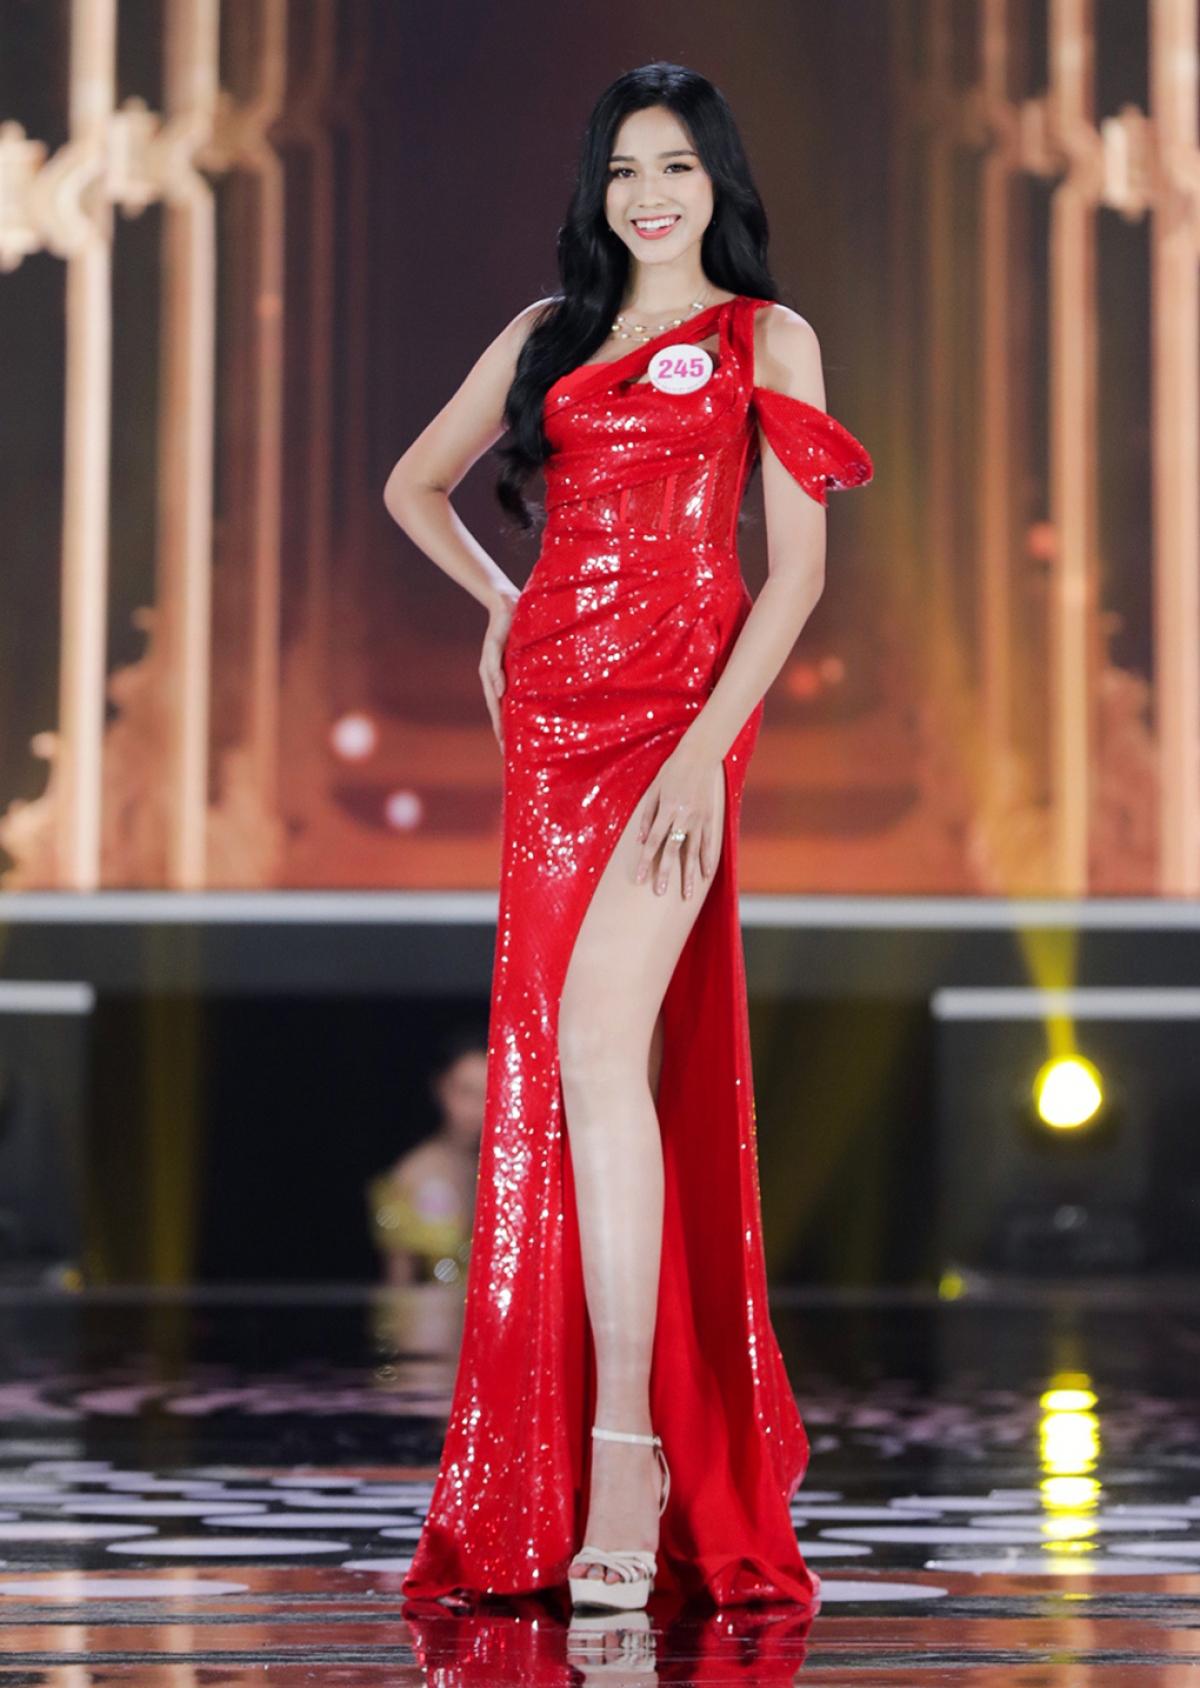 Đỗ Thị Hà (SBD 245) sở hữu chiều cao 1,75m với số đo ba vòng 80-60-90, sinh năm 2001, đến từ Thanh Hóa.